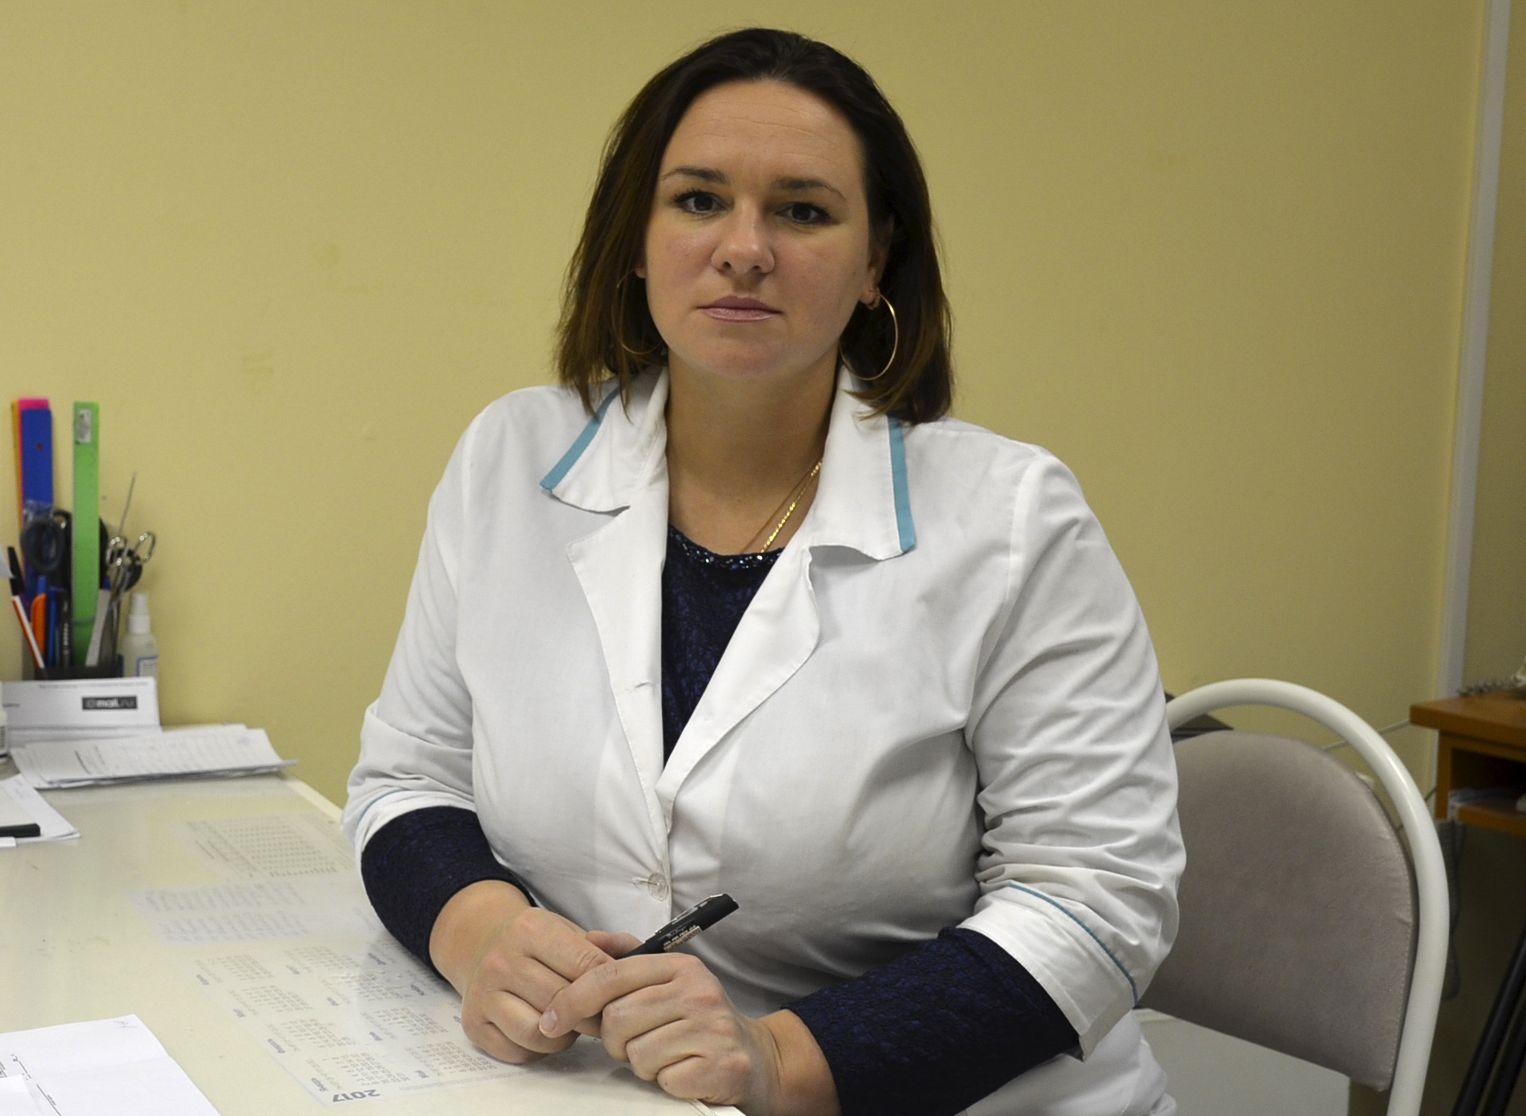 Анна Зайцева: «Это будет новая больница с новыми возможностями»